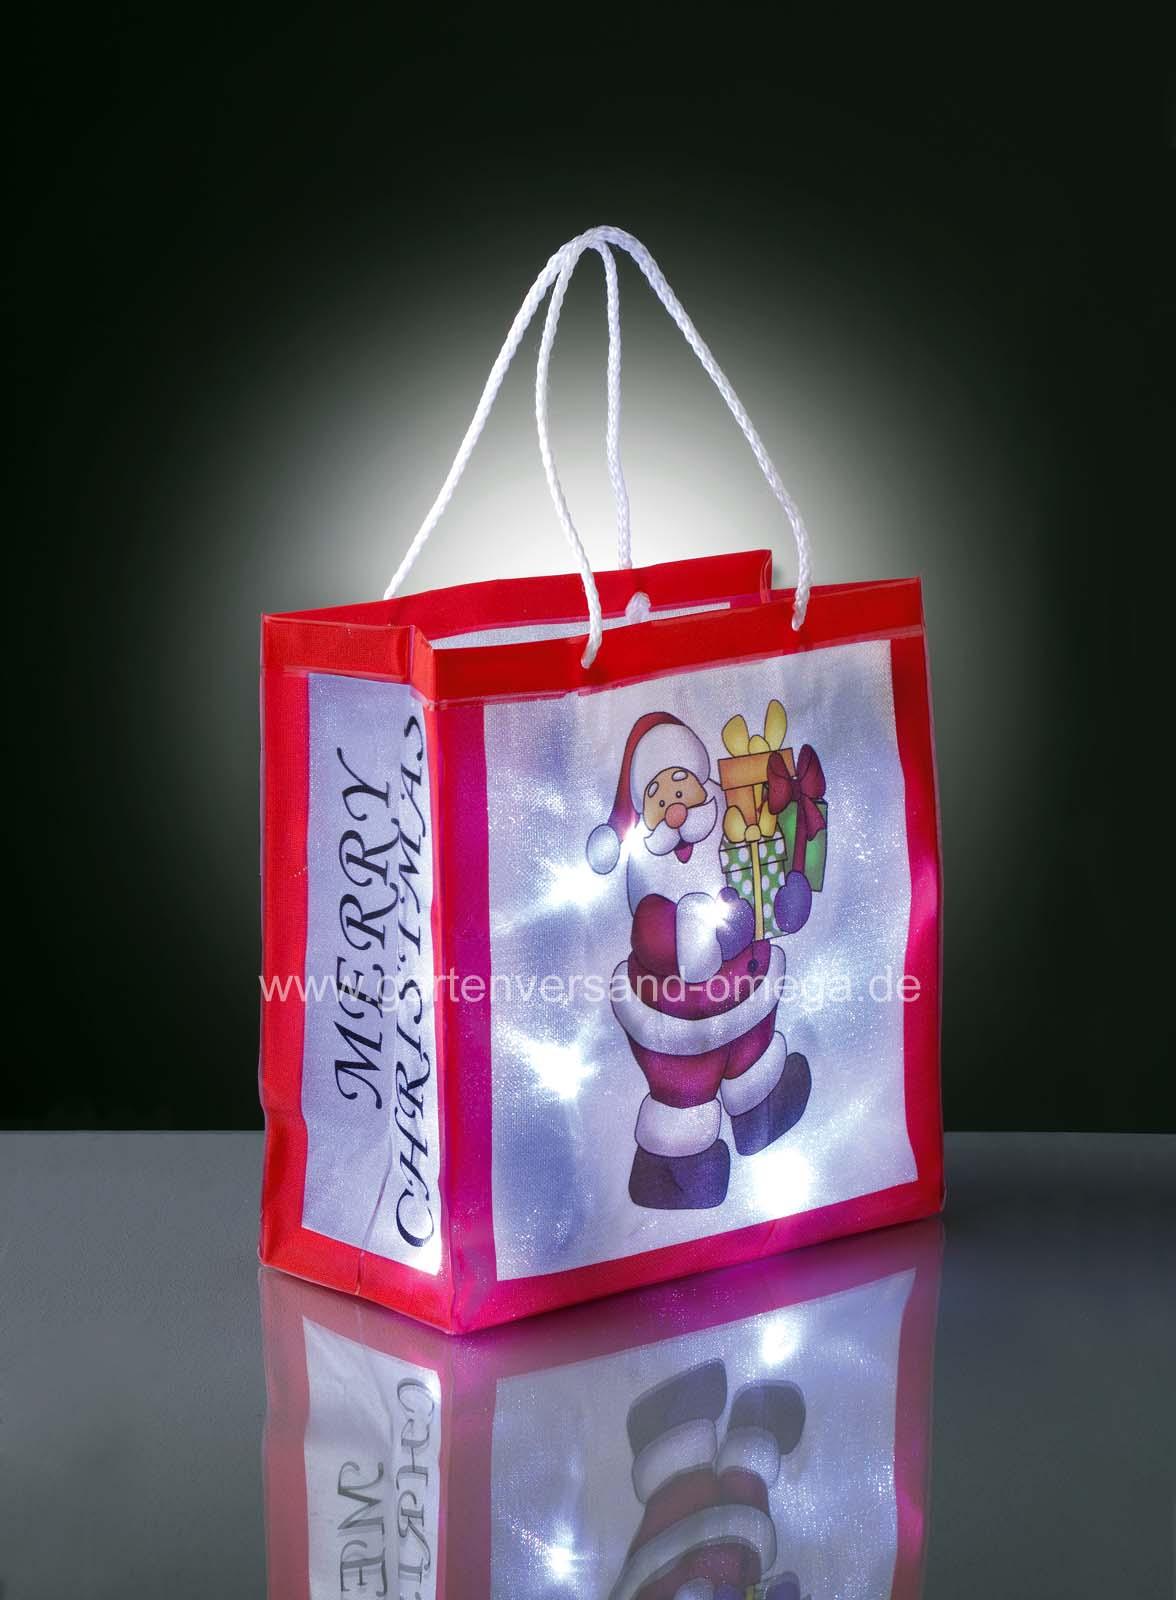 Weihnachtsdekoration dekorieren f r weihnachten - Fensterbeleuchtung weihnachten ...